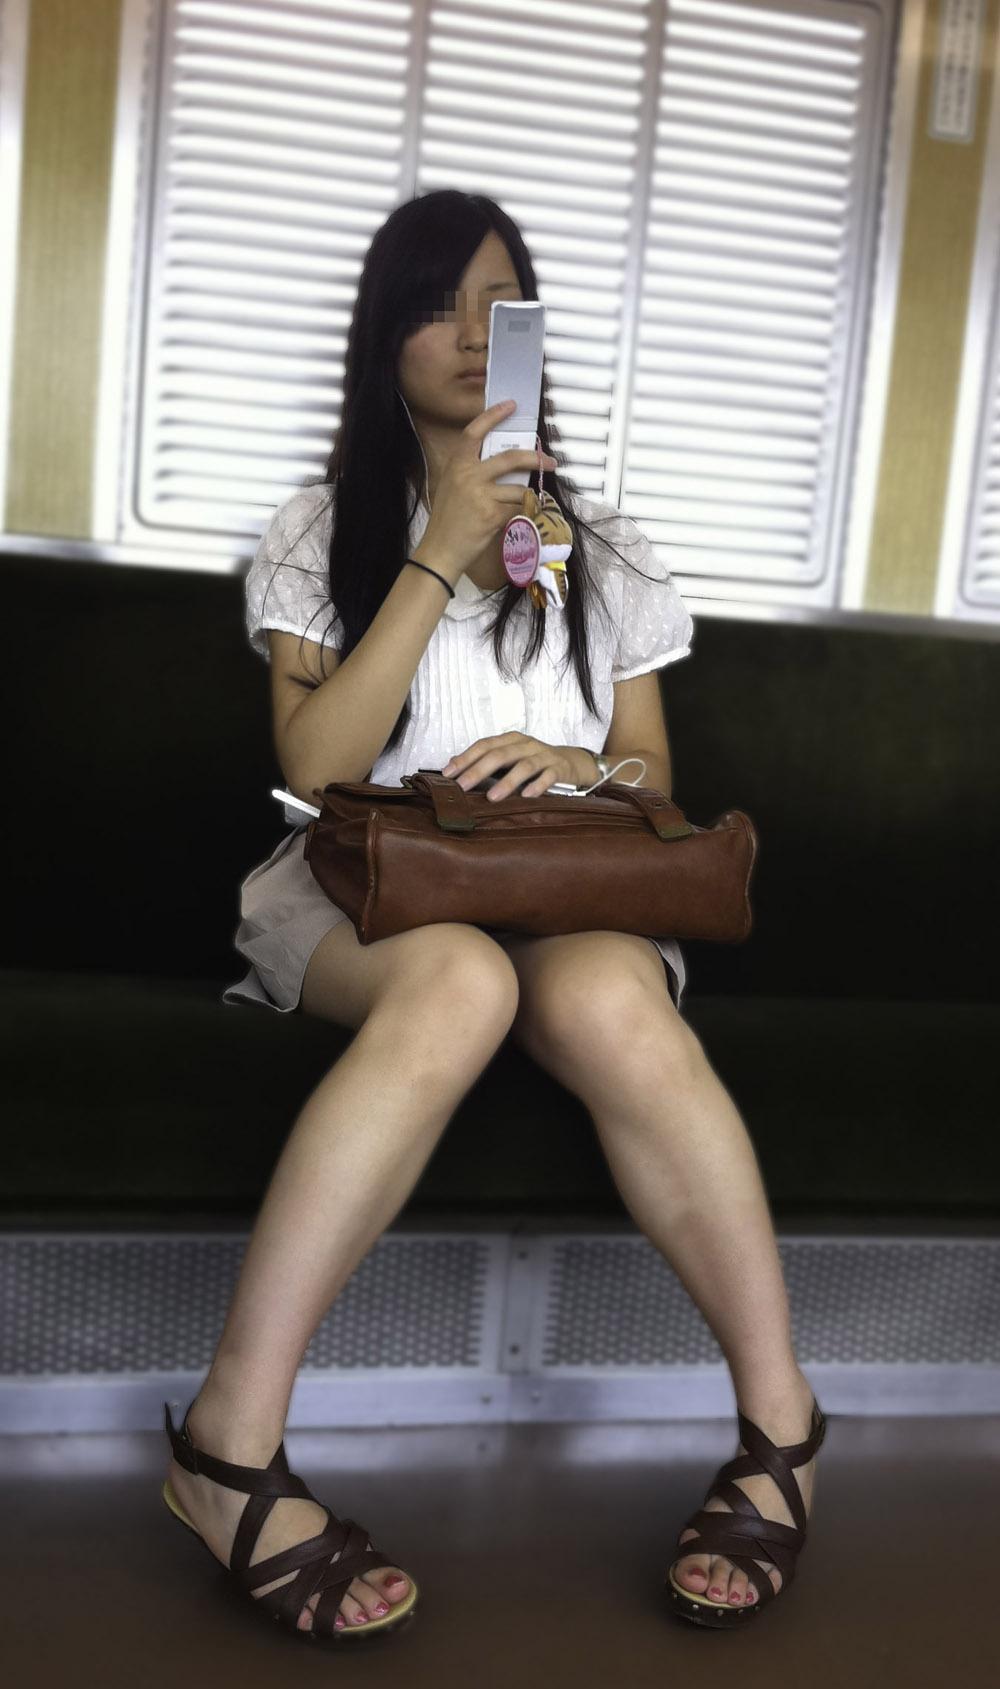 【電車内エロ画像】対面座席に居る非常にけしからん美脚…あわよくばパンチラもwww 13